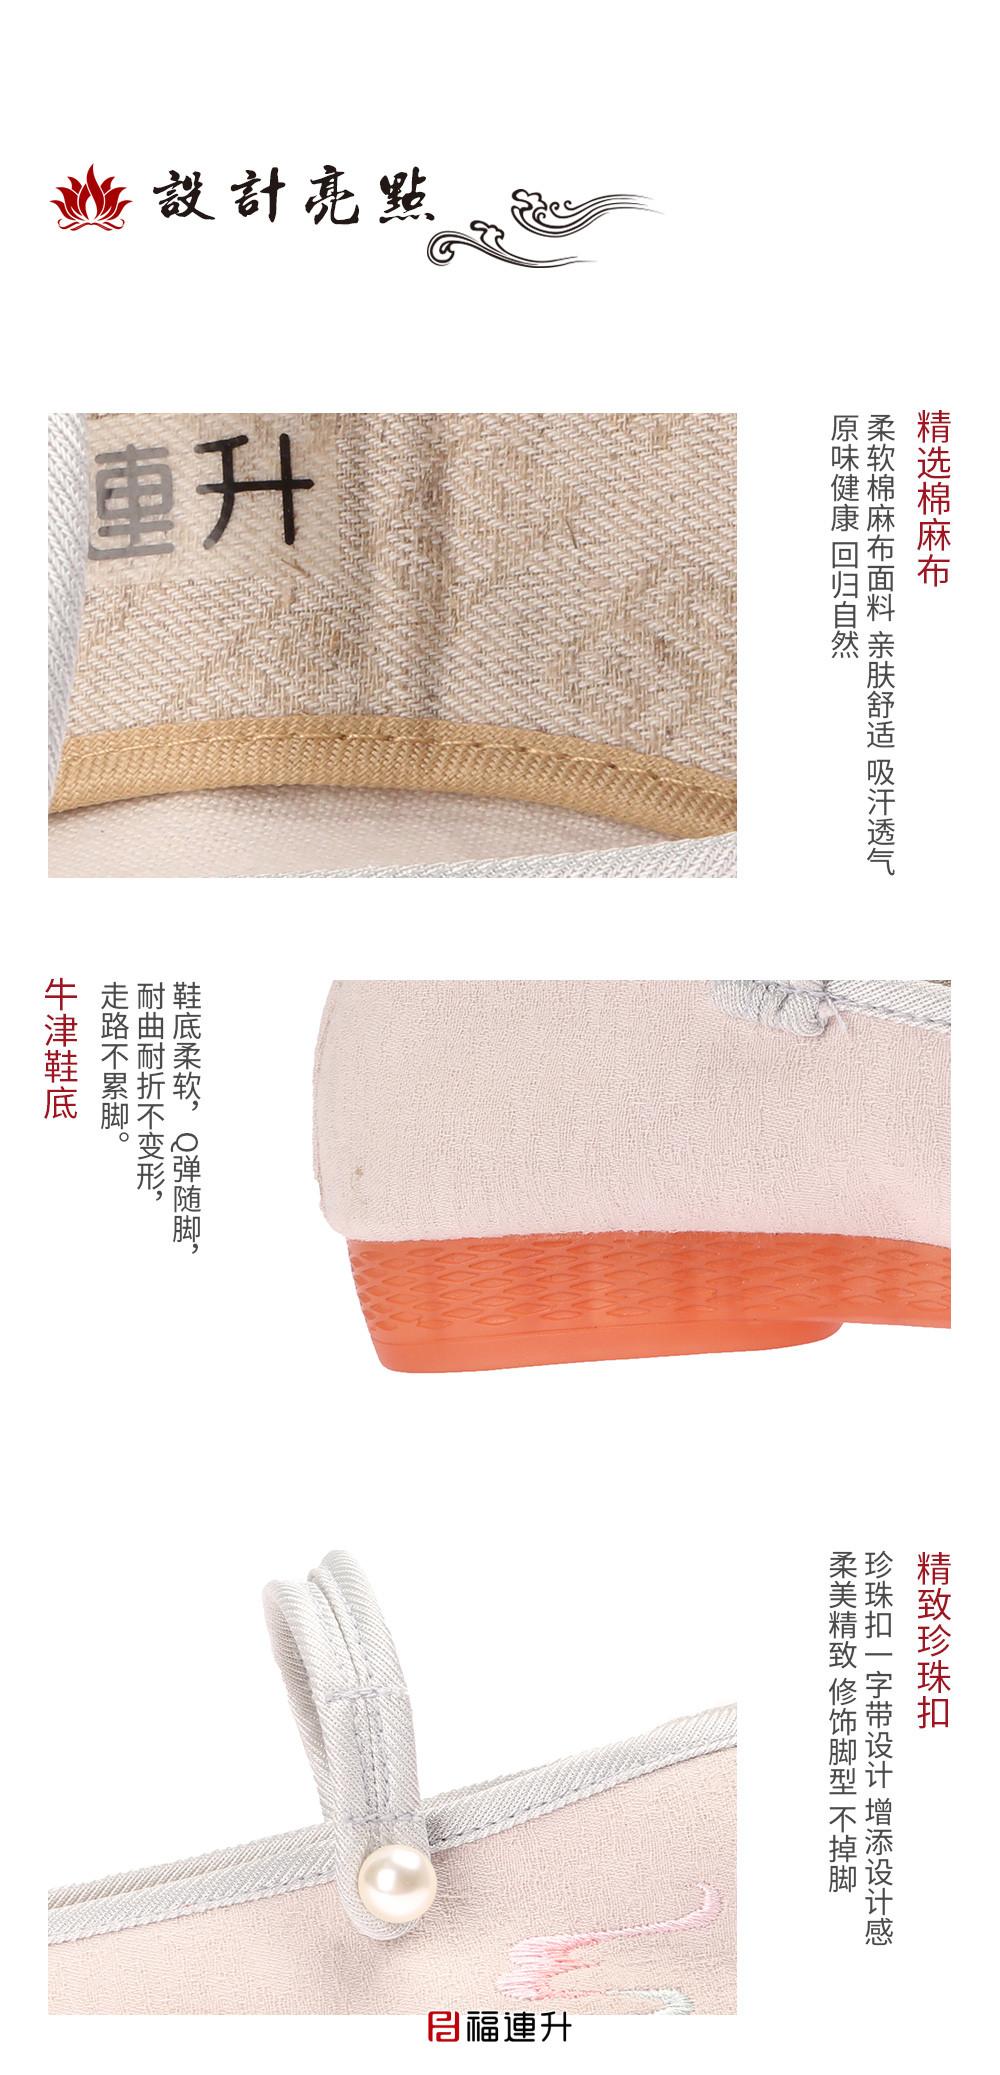 福连升女刺绣盘扣民族中国风绣花鞋老北京布鞋图片